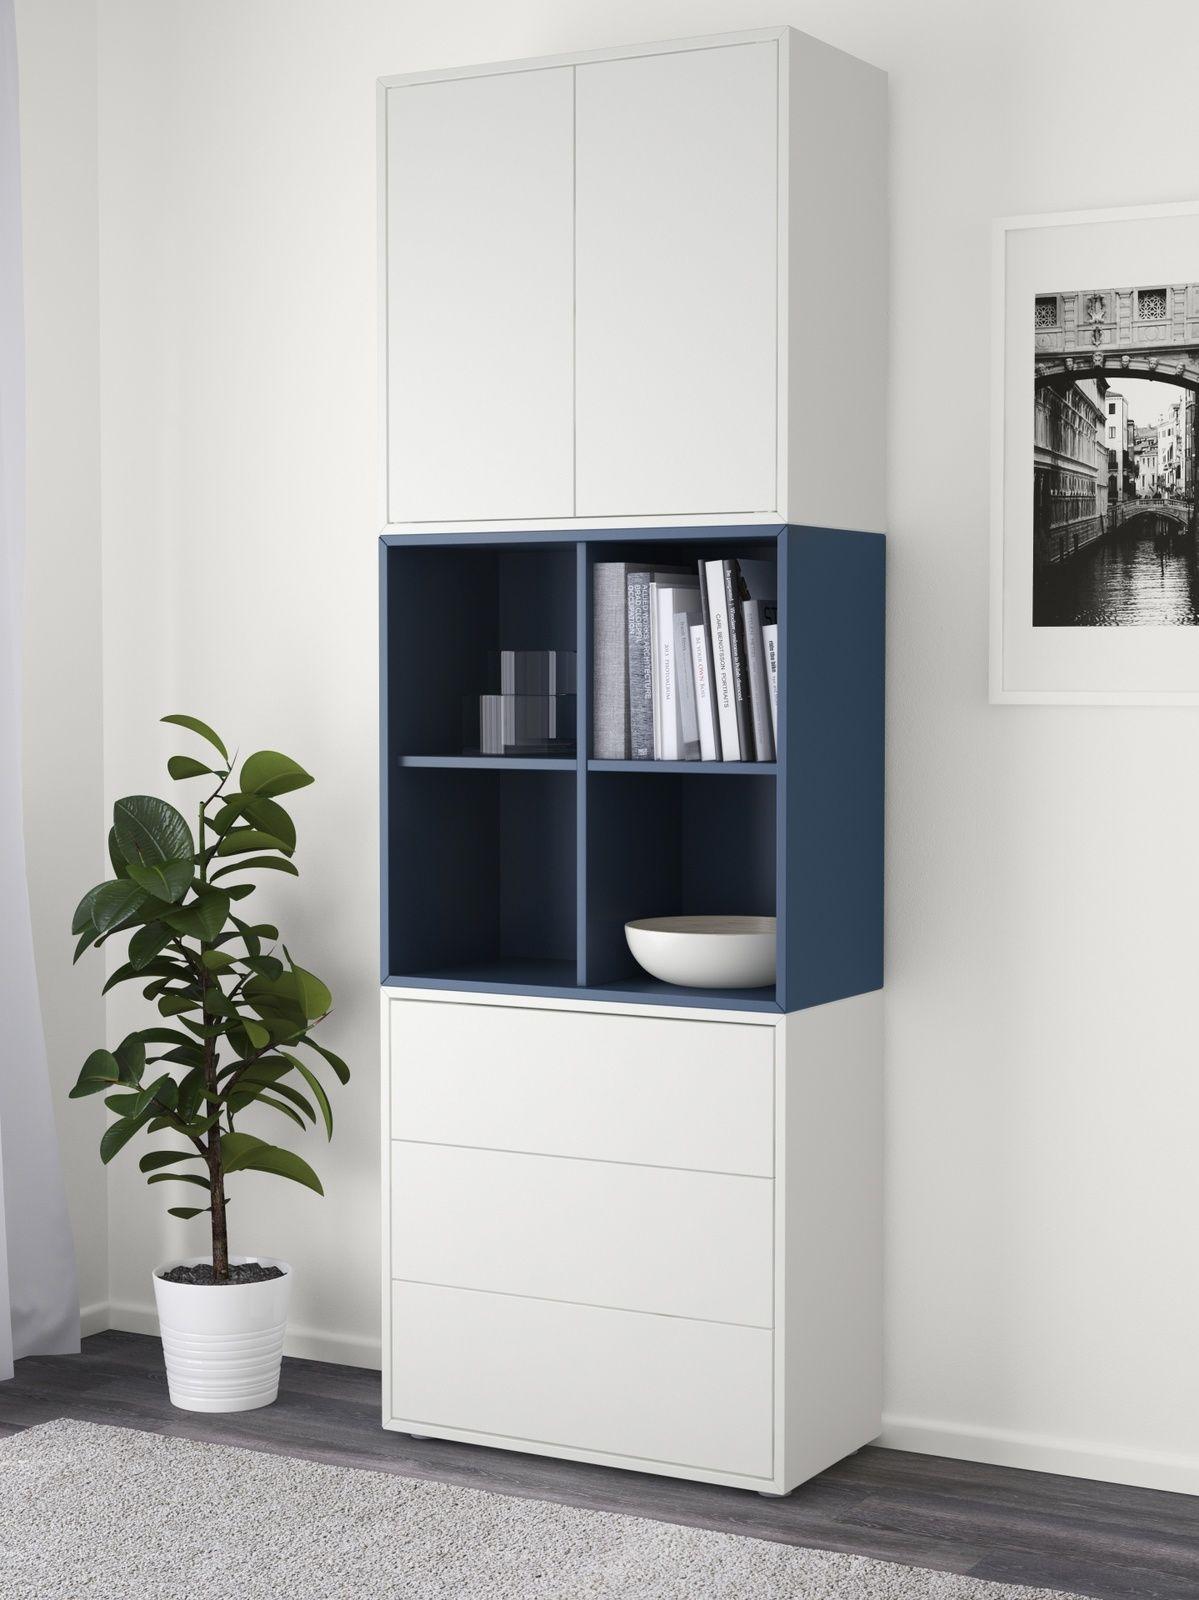 Album 23 Eket La Nouvelle Gamme De Chez Ikea Ikea Meuble Rangement Ikea Mobilier De Salon